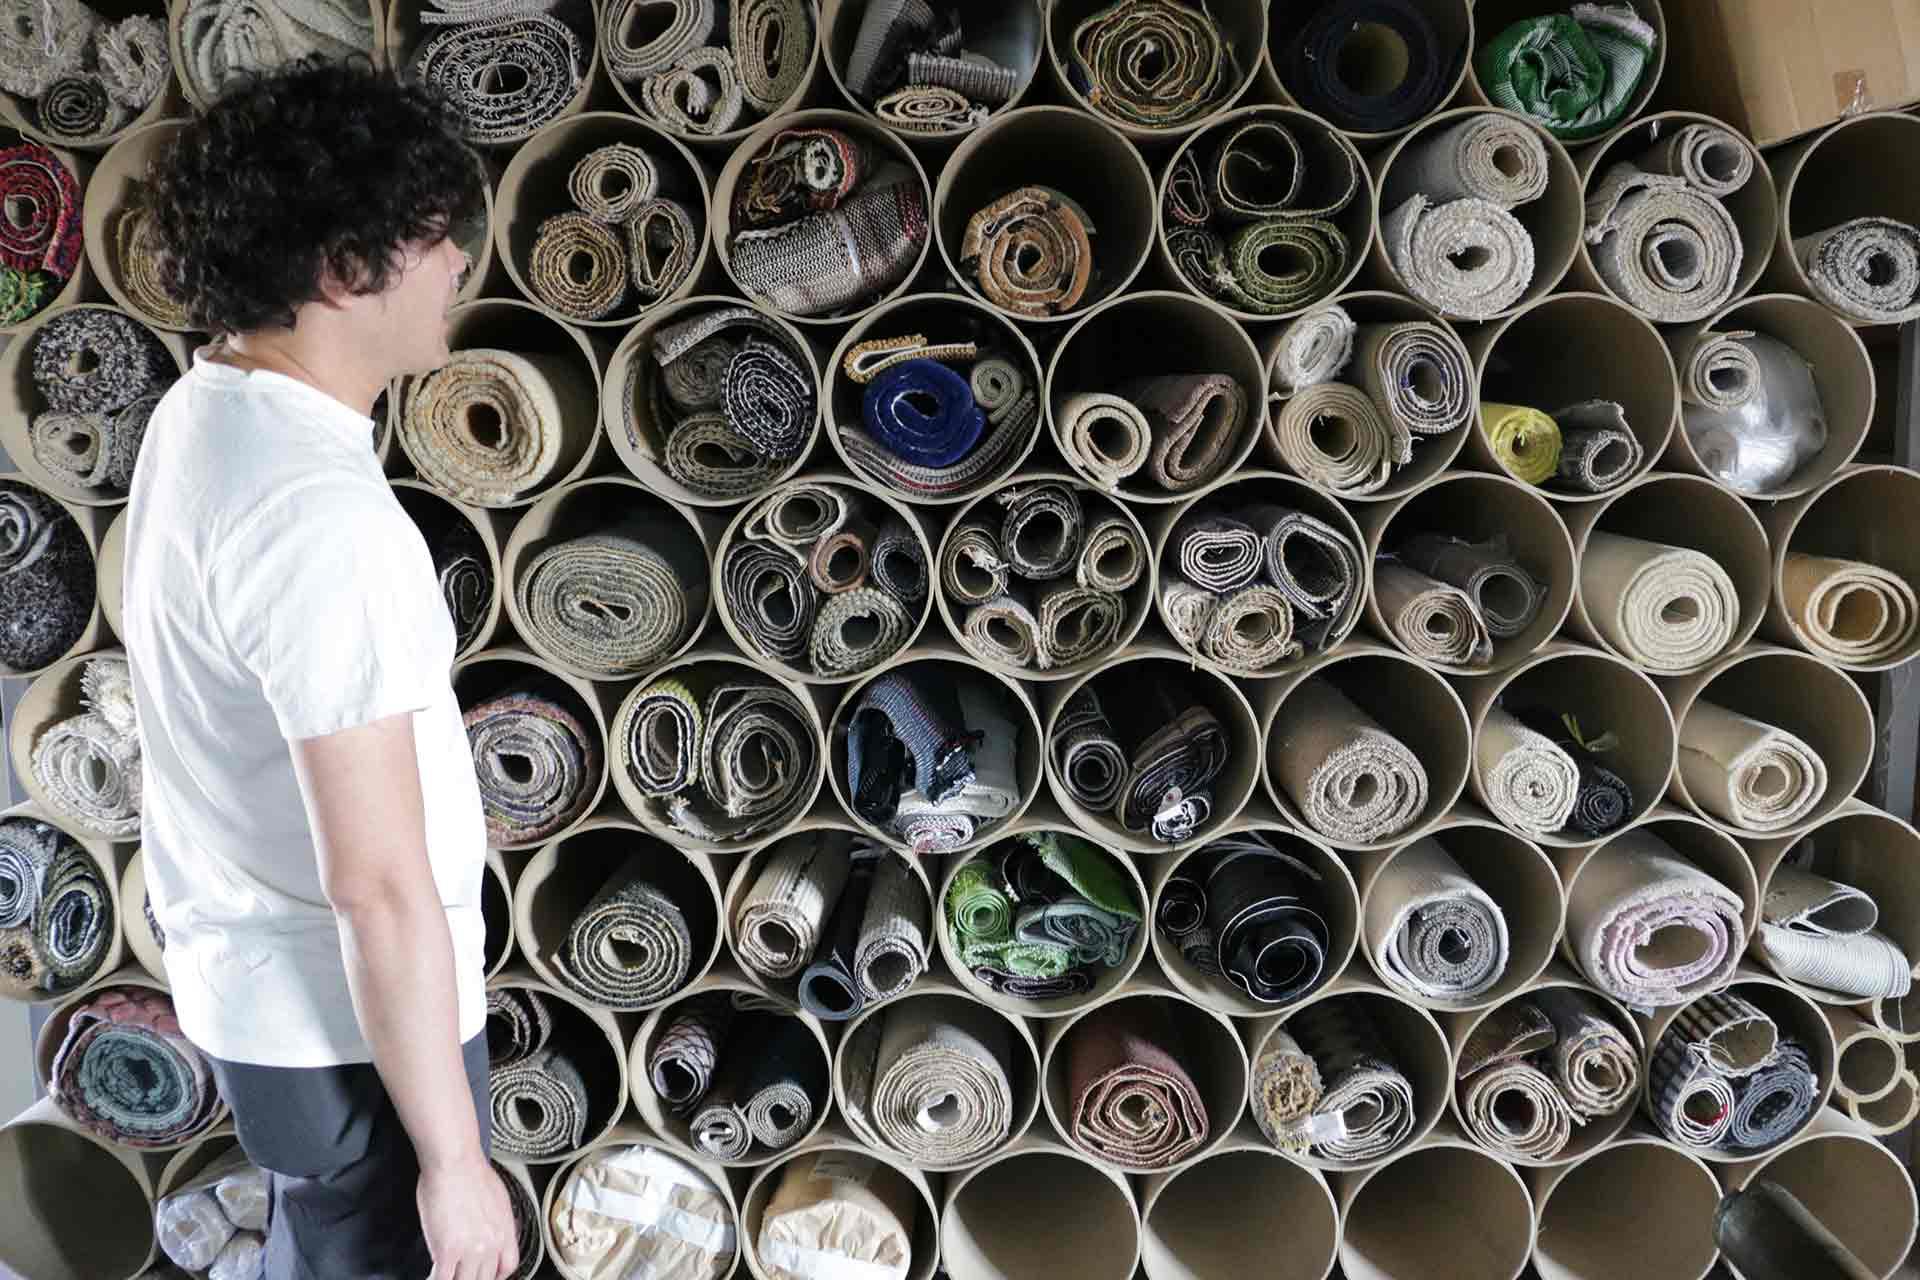 堀田さんにご案内いただいた生地のデッドストック。日々様々な質感・デザインが開発されている